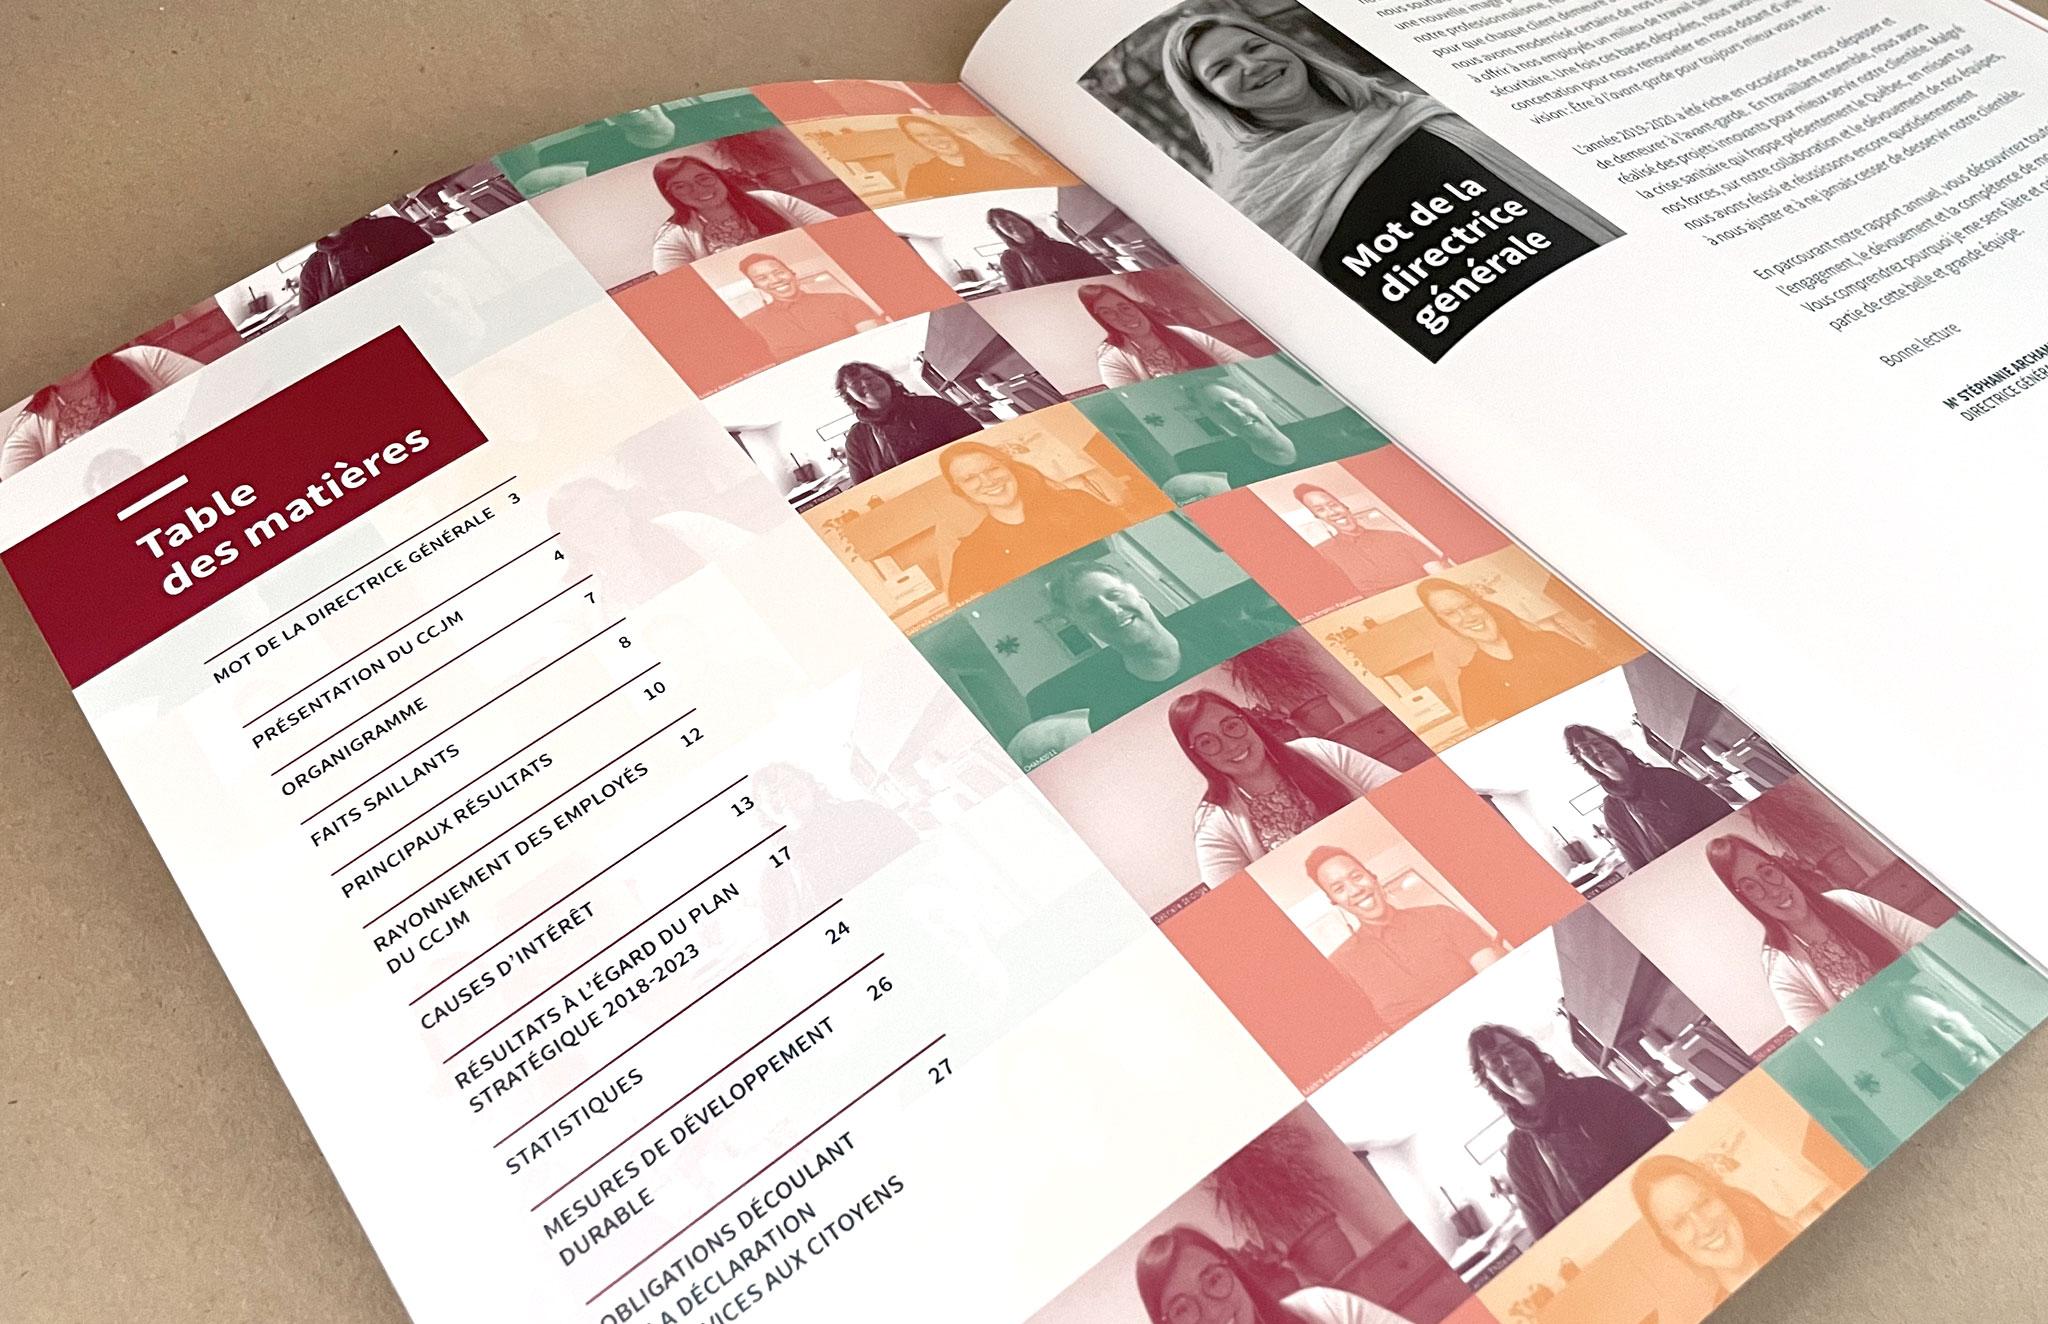 CCJM - Centre communautaire juridique de Montréal rapport annuel.